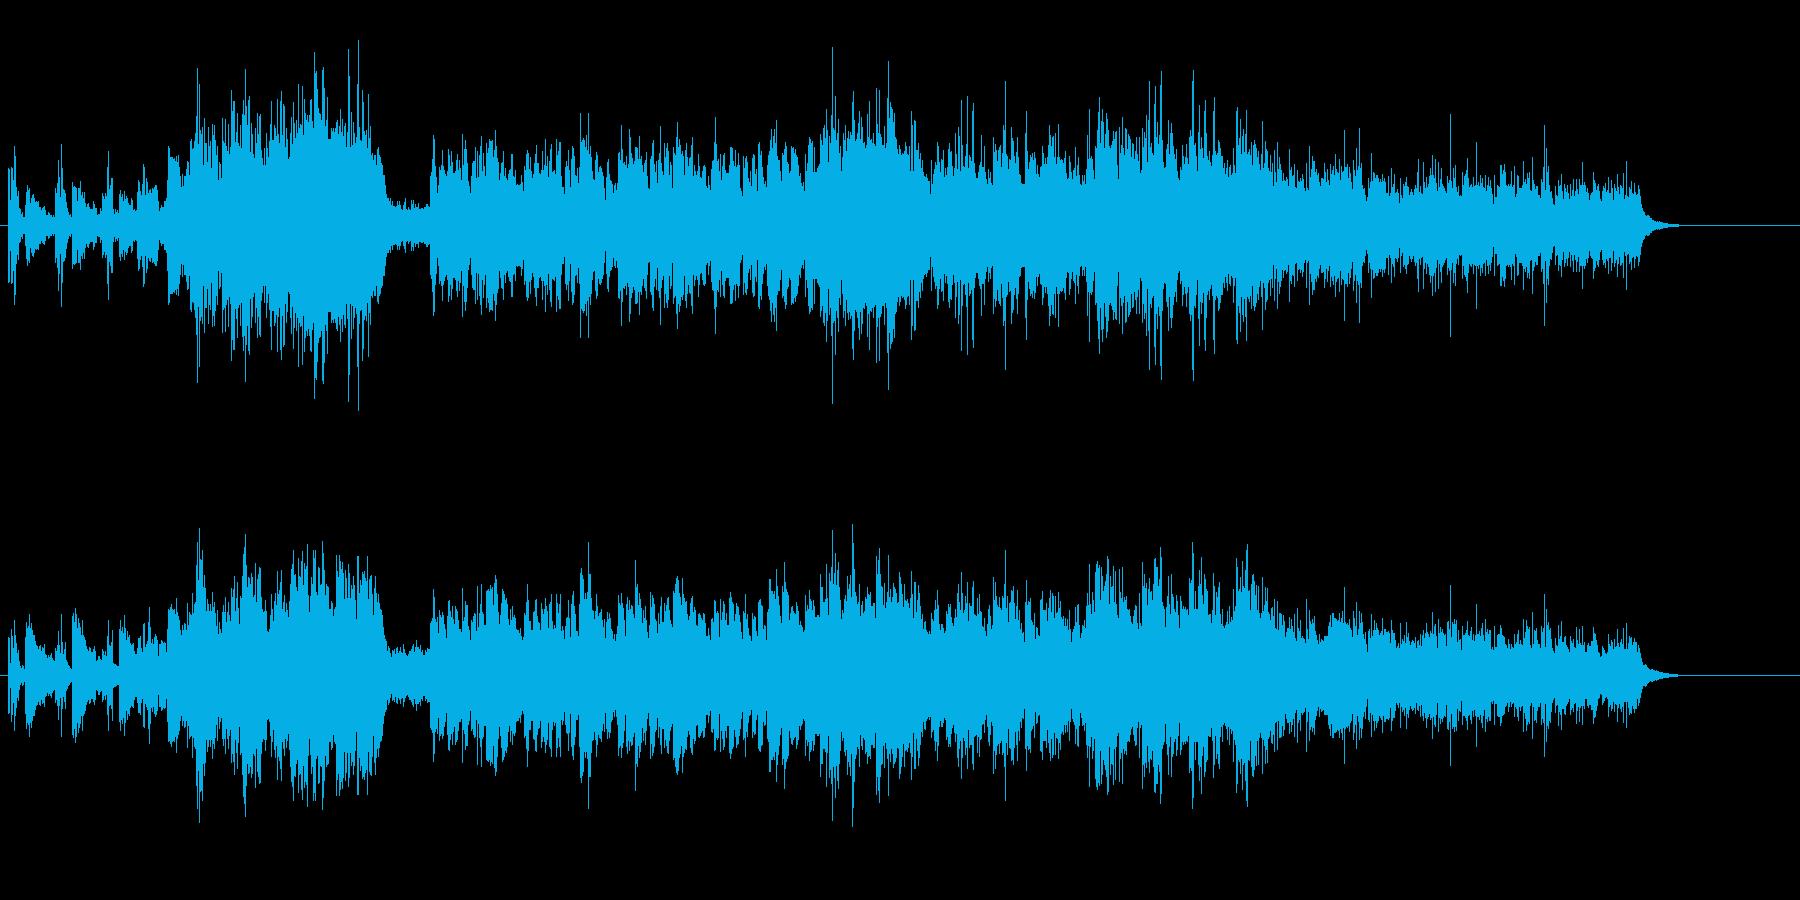 木の葉から水滴が落ちるナチュラルな曲の再生済みの波形